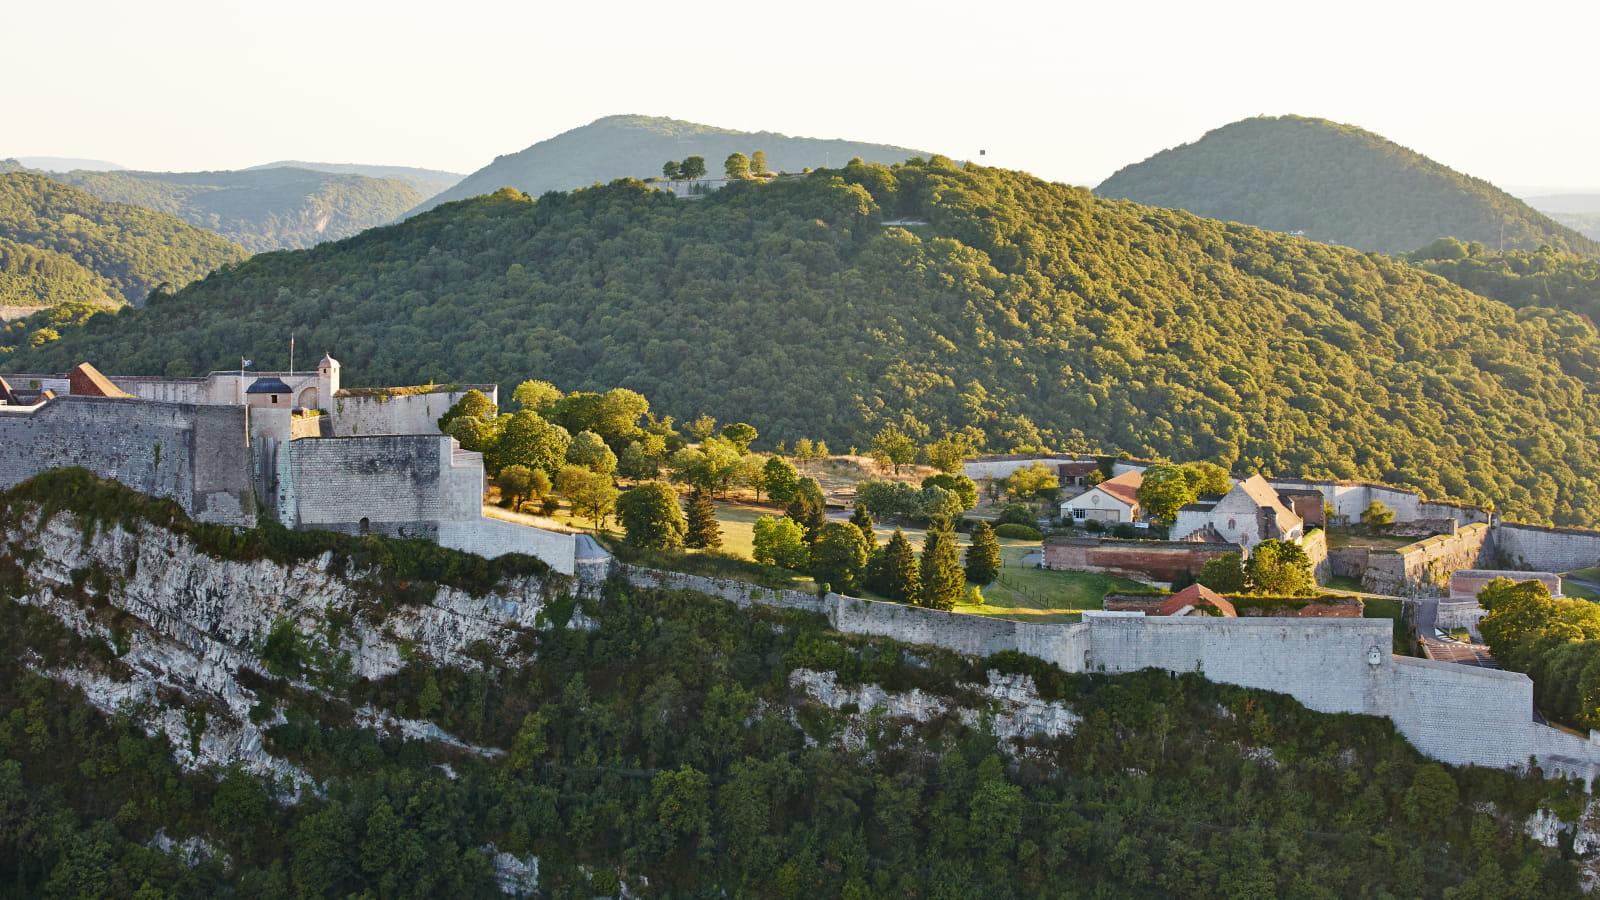 La citadelle de Besançon, chef-d'œuvre signé Vauban